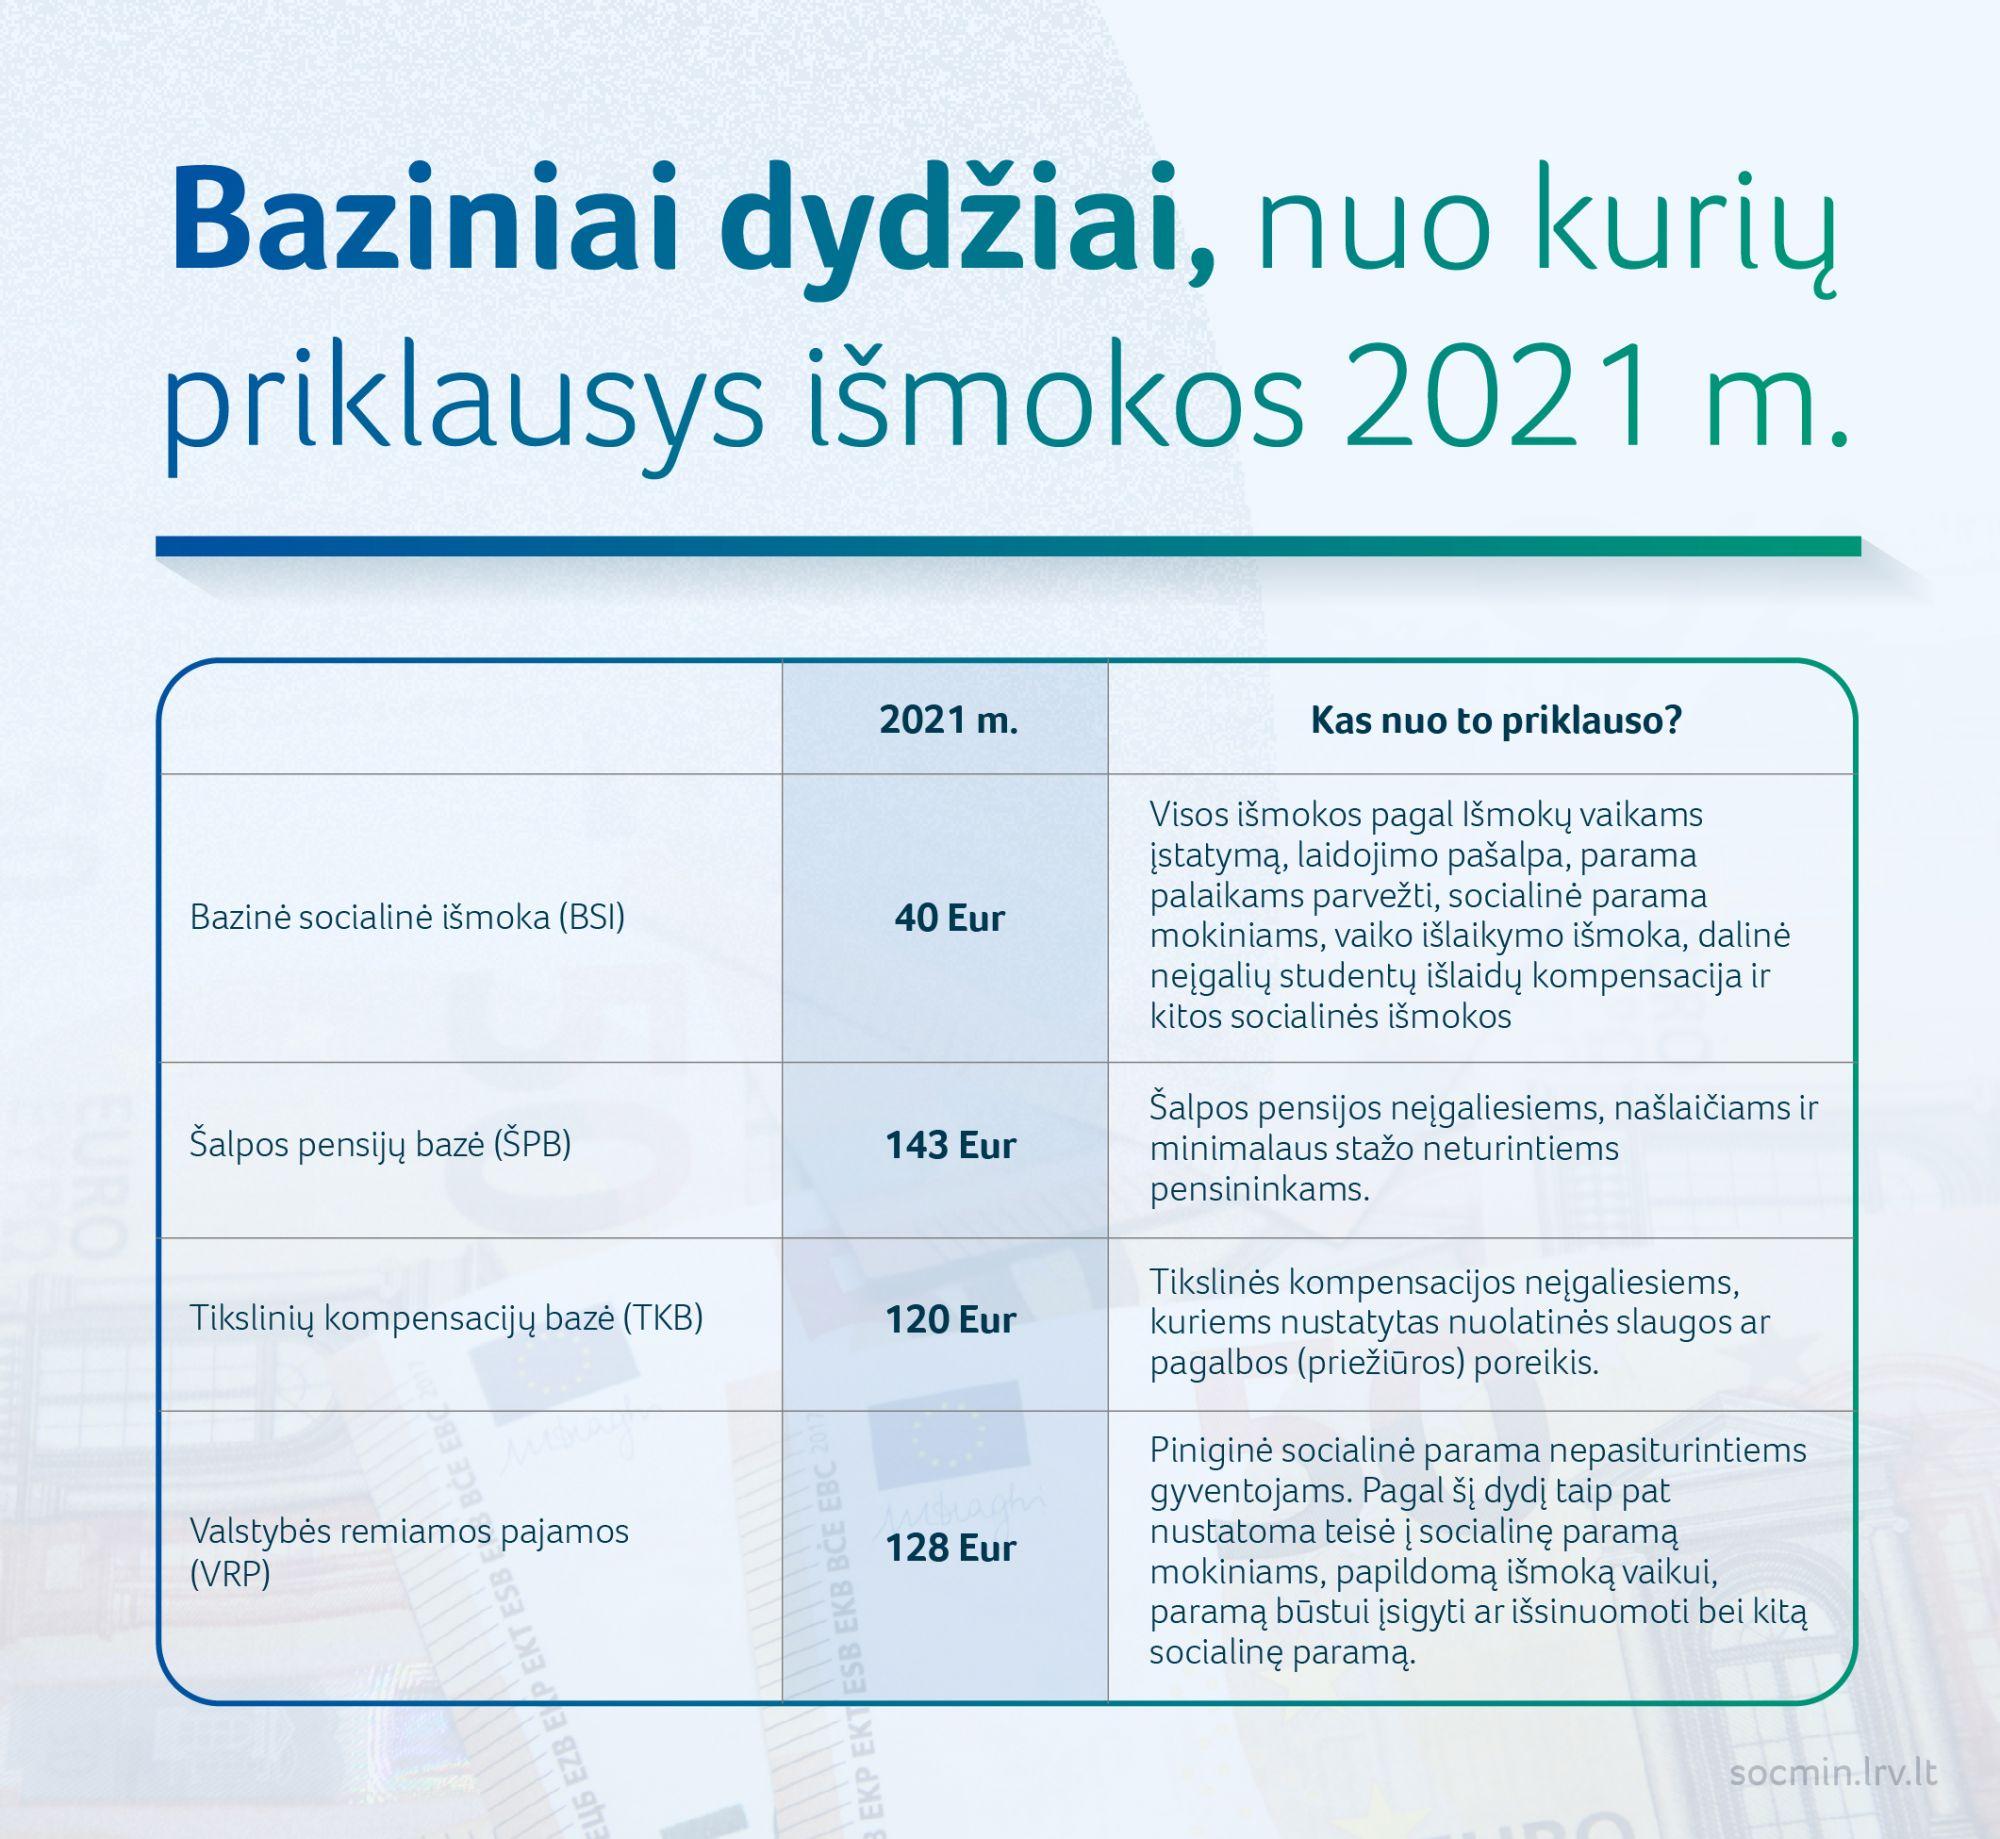 2021 01 04 SADM baziniai dydziai nuo kuriu priklausys ismokos 2021 011